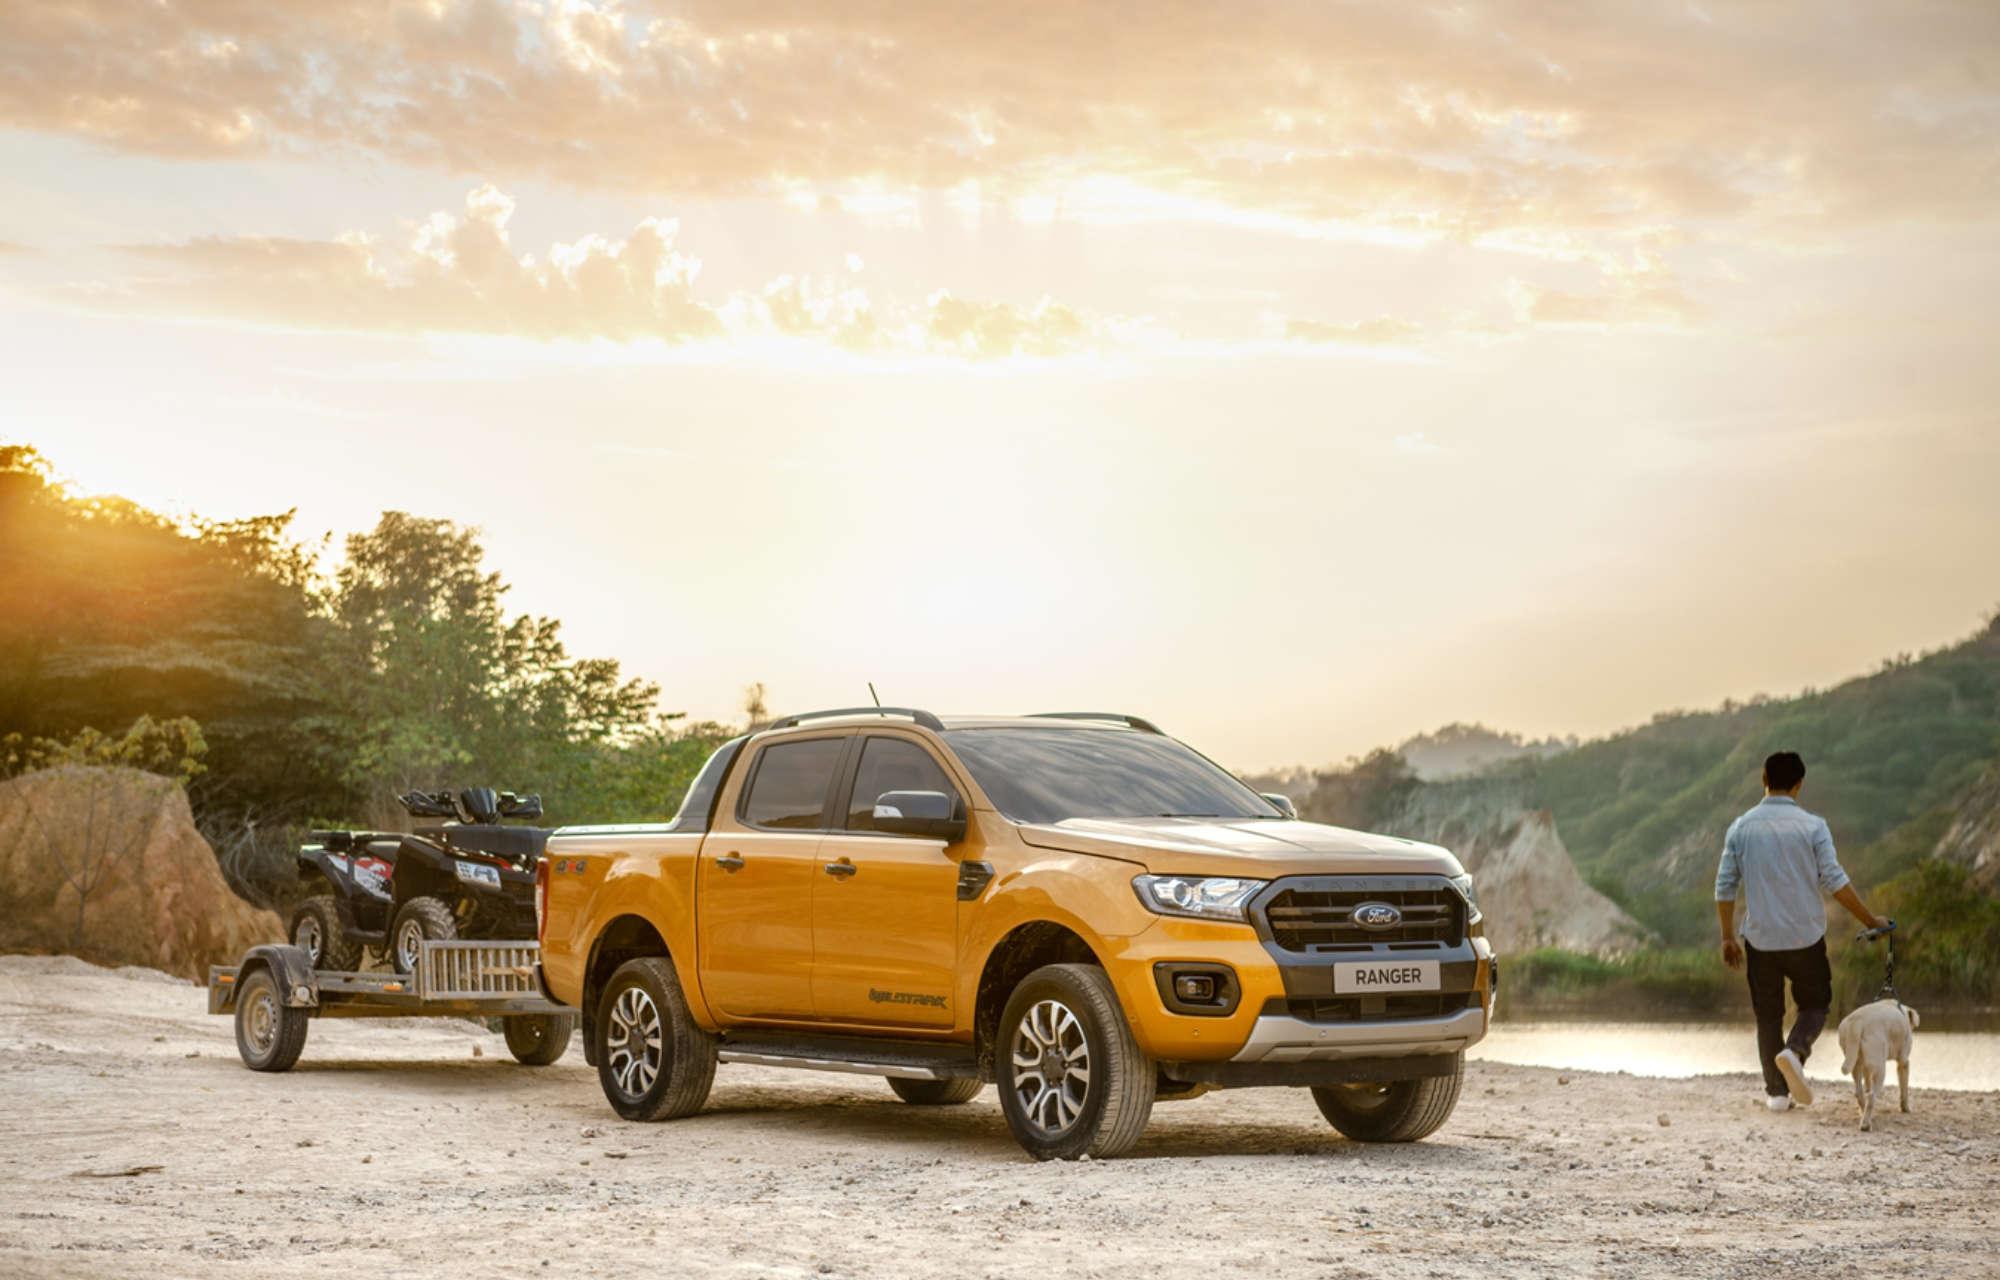 Ford Ranger Work Play ฟอร์ด เรนเจอร์ กระบะพันธุ์แกร่งคู่ใจ